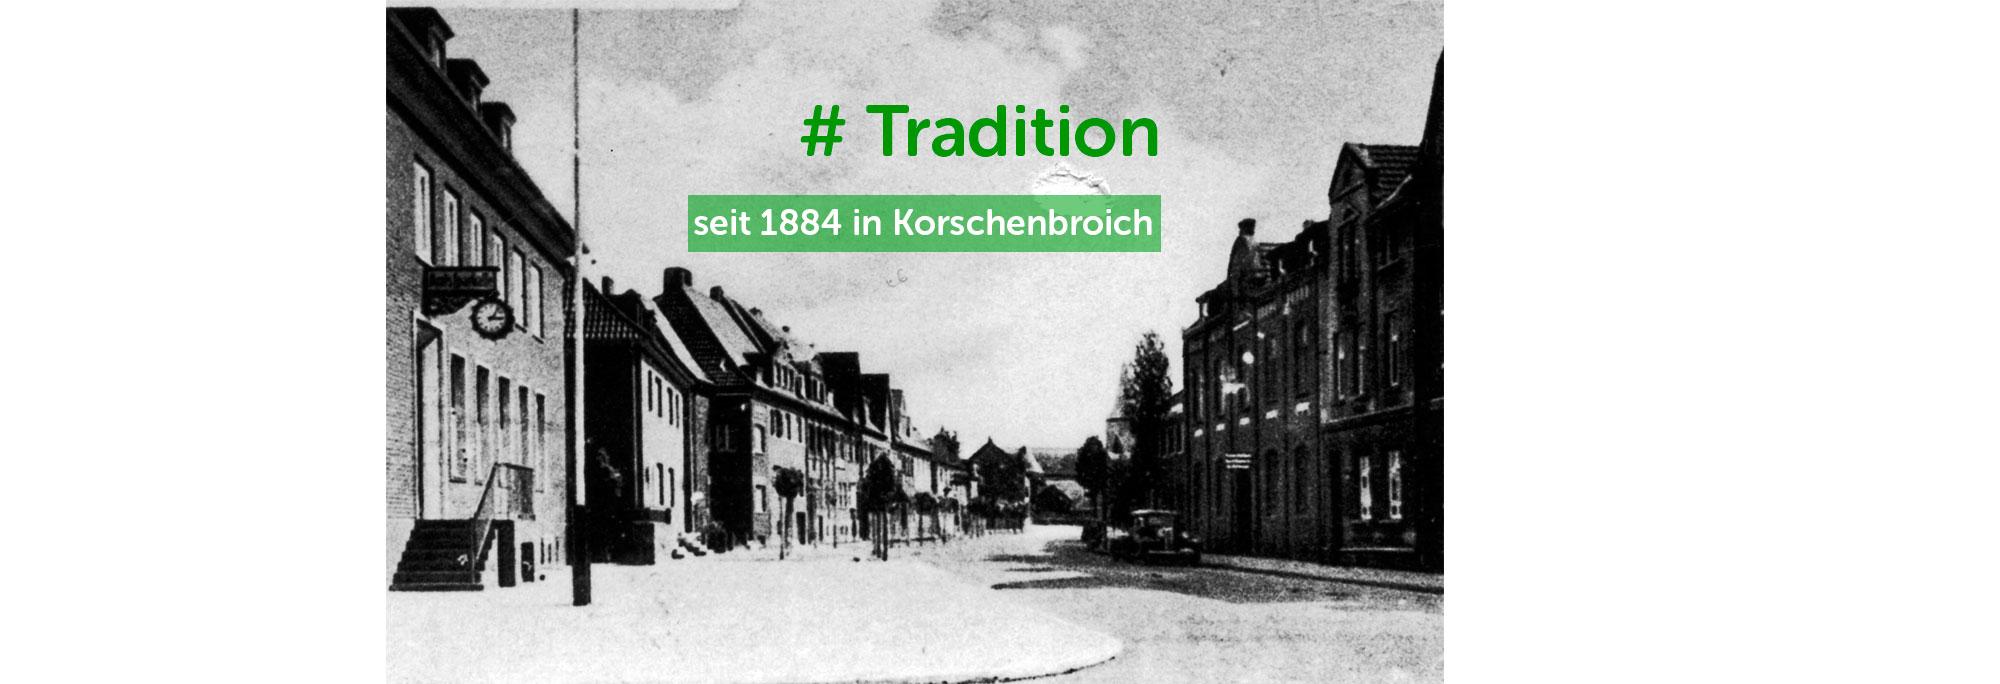 Traditionen Hintzen Korschenbroich